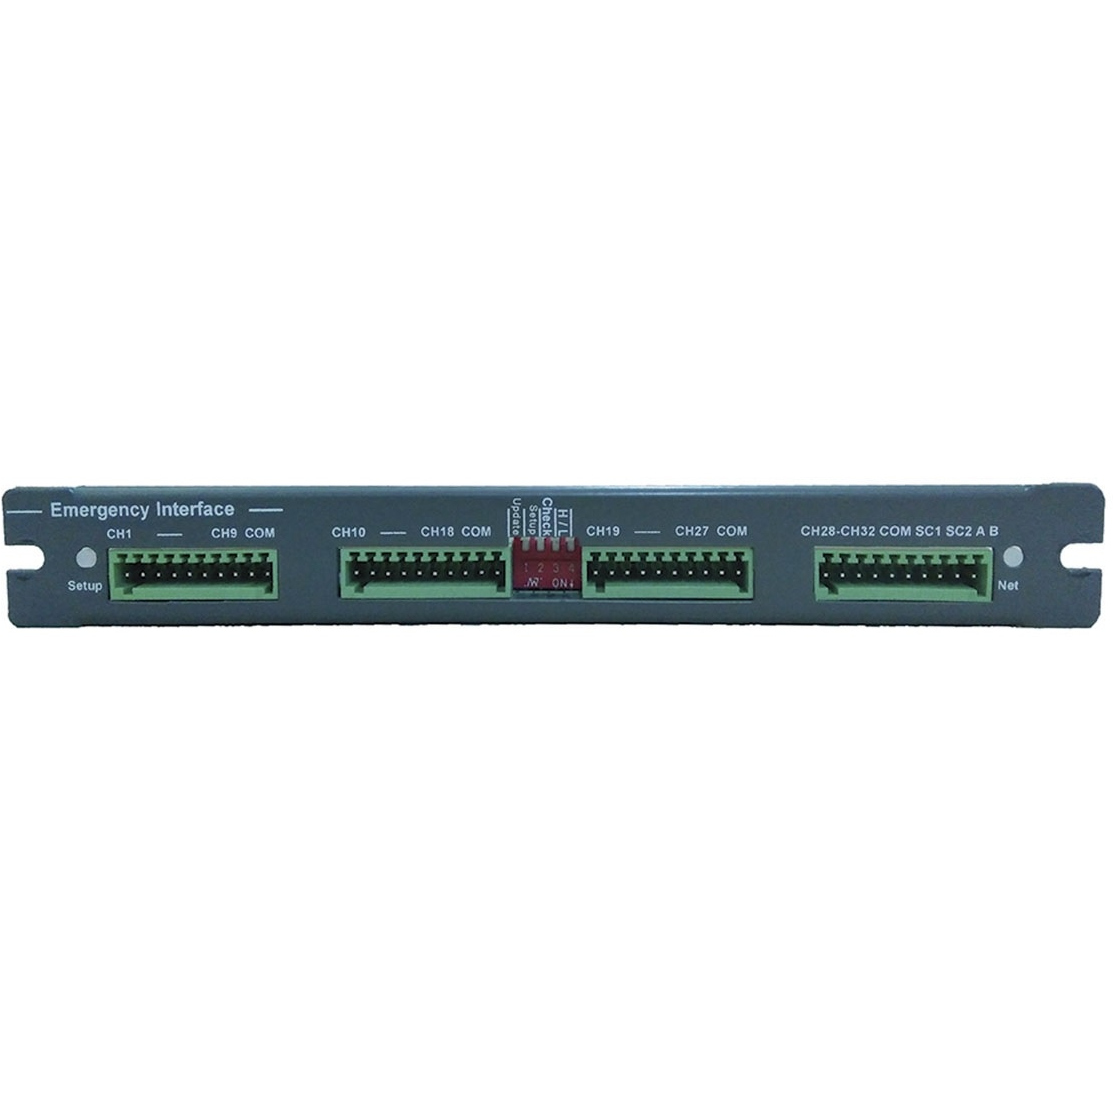 Стоечное оборудование серии MAG DSPPA DSPPA MAG-6416